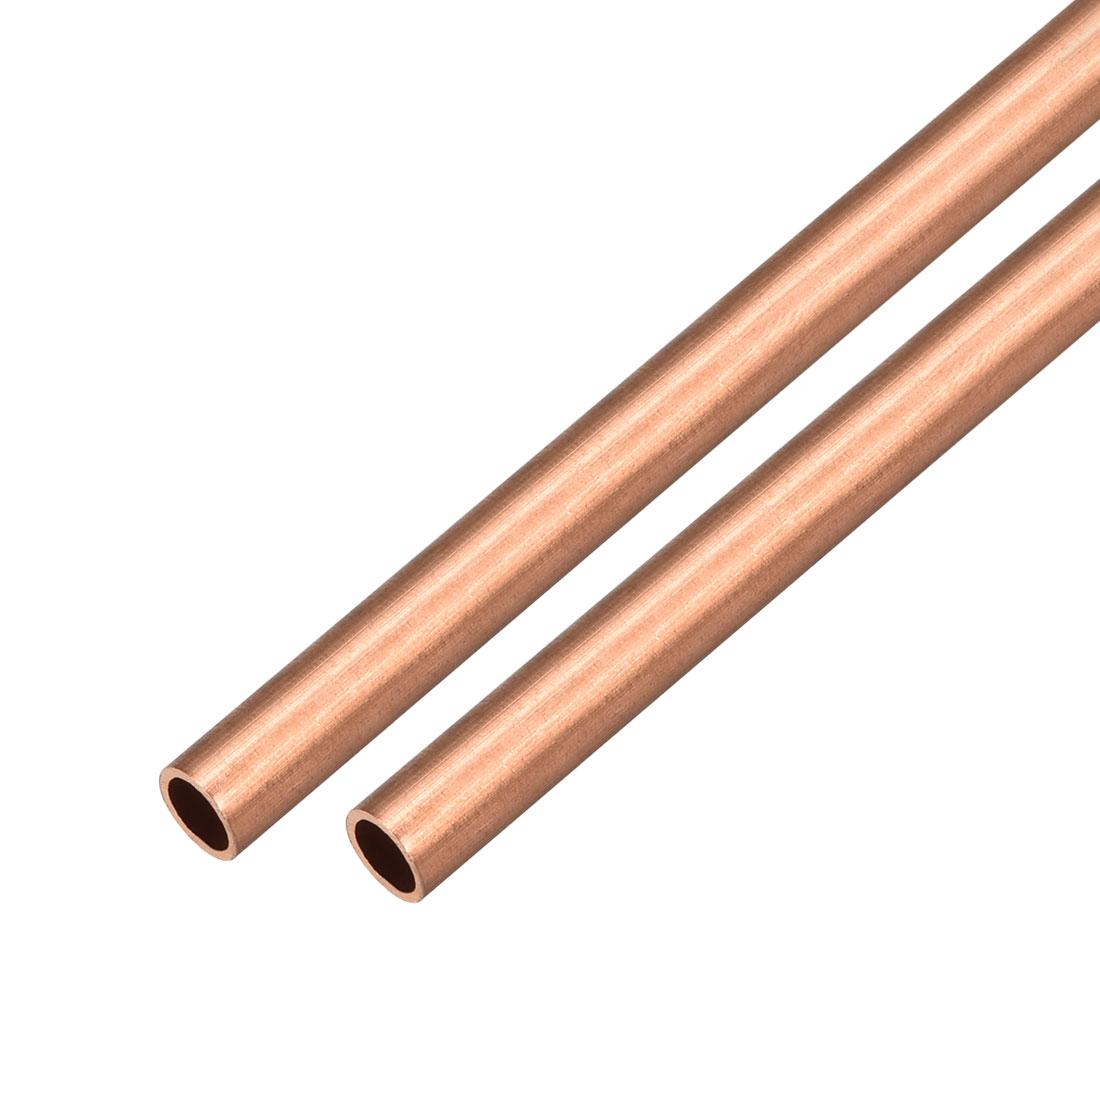 2Pcs 7mm Outside Diameter x 6mm Inside Diameter 500mm Copper Round Tube Pipe